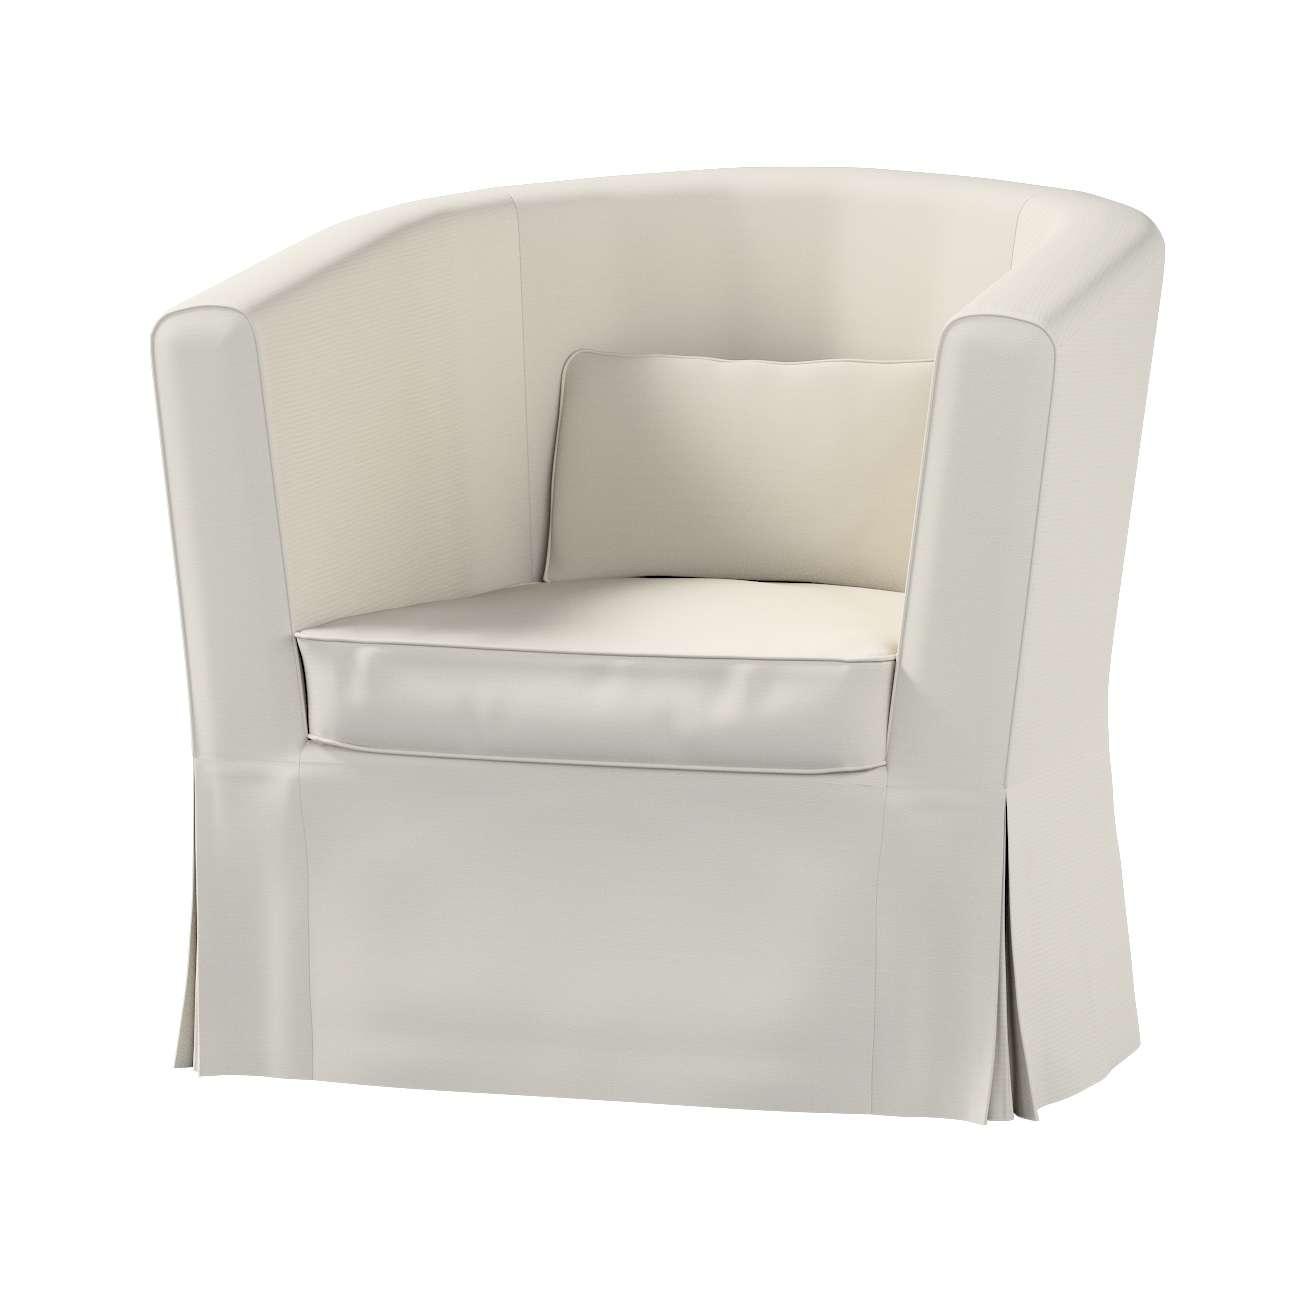 EKTORP TULLSTA fotelio užvalkalas Ektorp Tullsta fotelio užvalkalas kolekcijoje Cotton Panama, audinys: 702-31